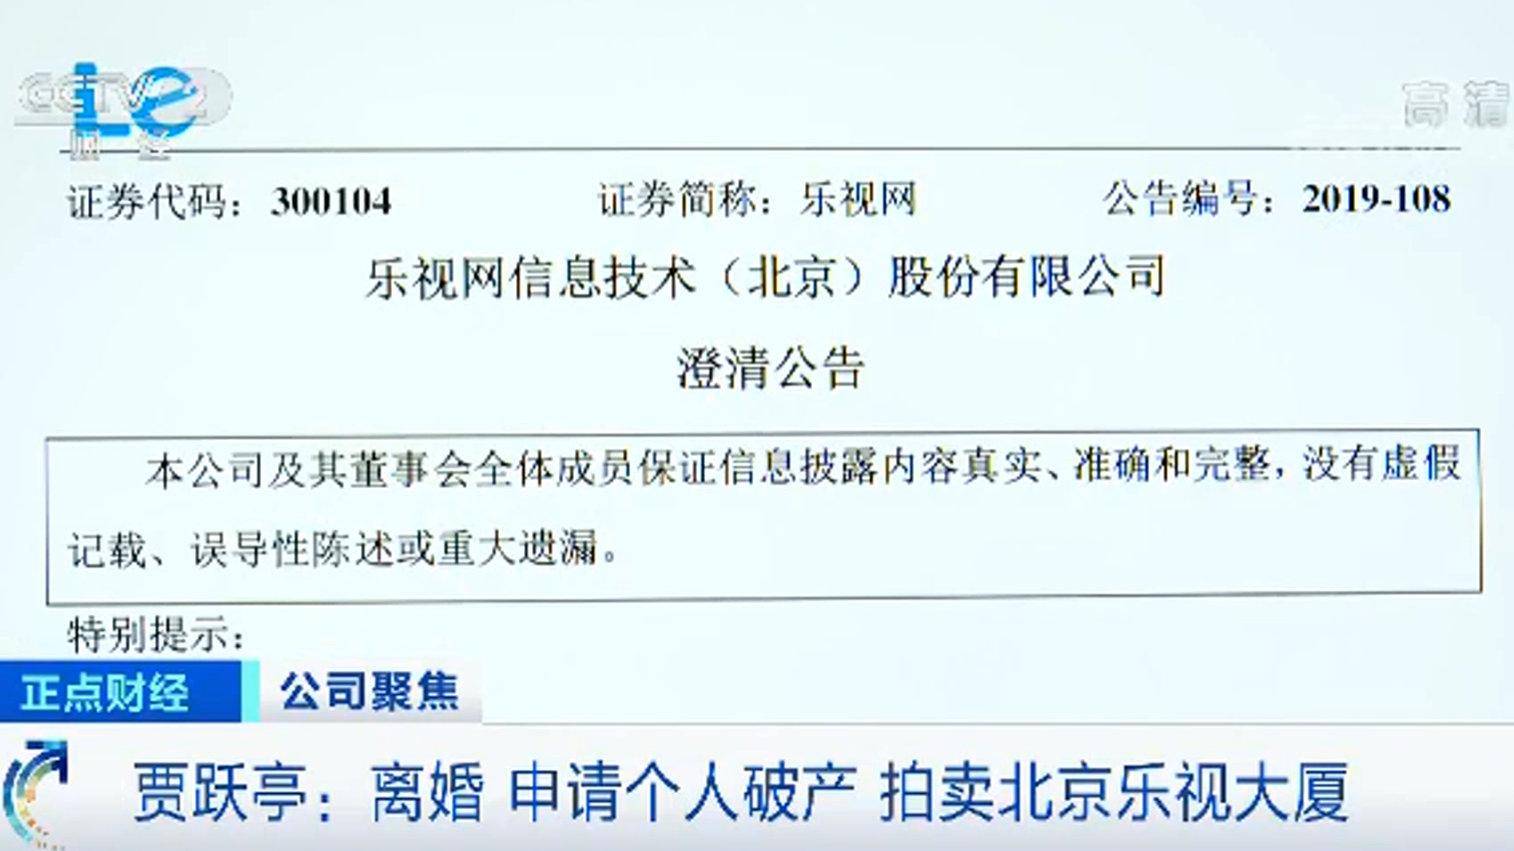 贾跃亭又申请破产、又离婚…:30亿美金一分没看到